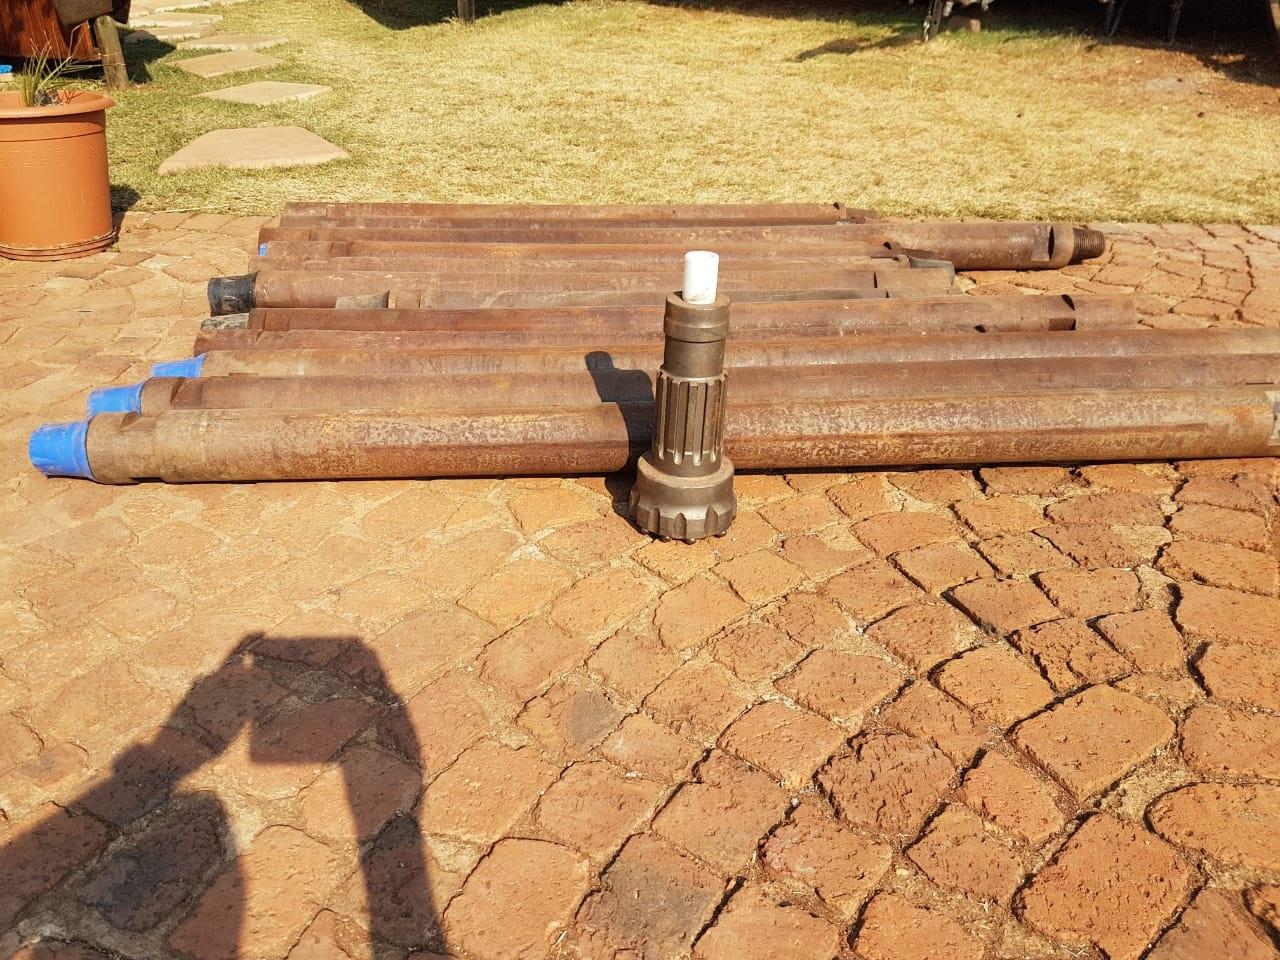 Massey Ferguson Drill Rig